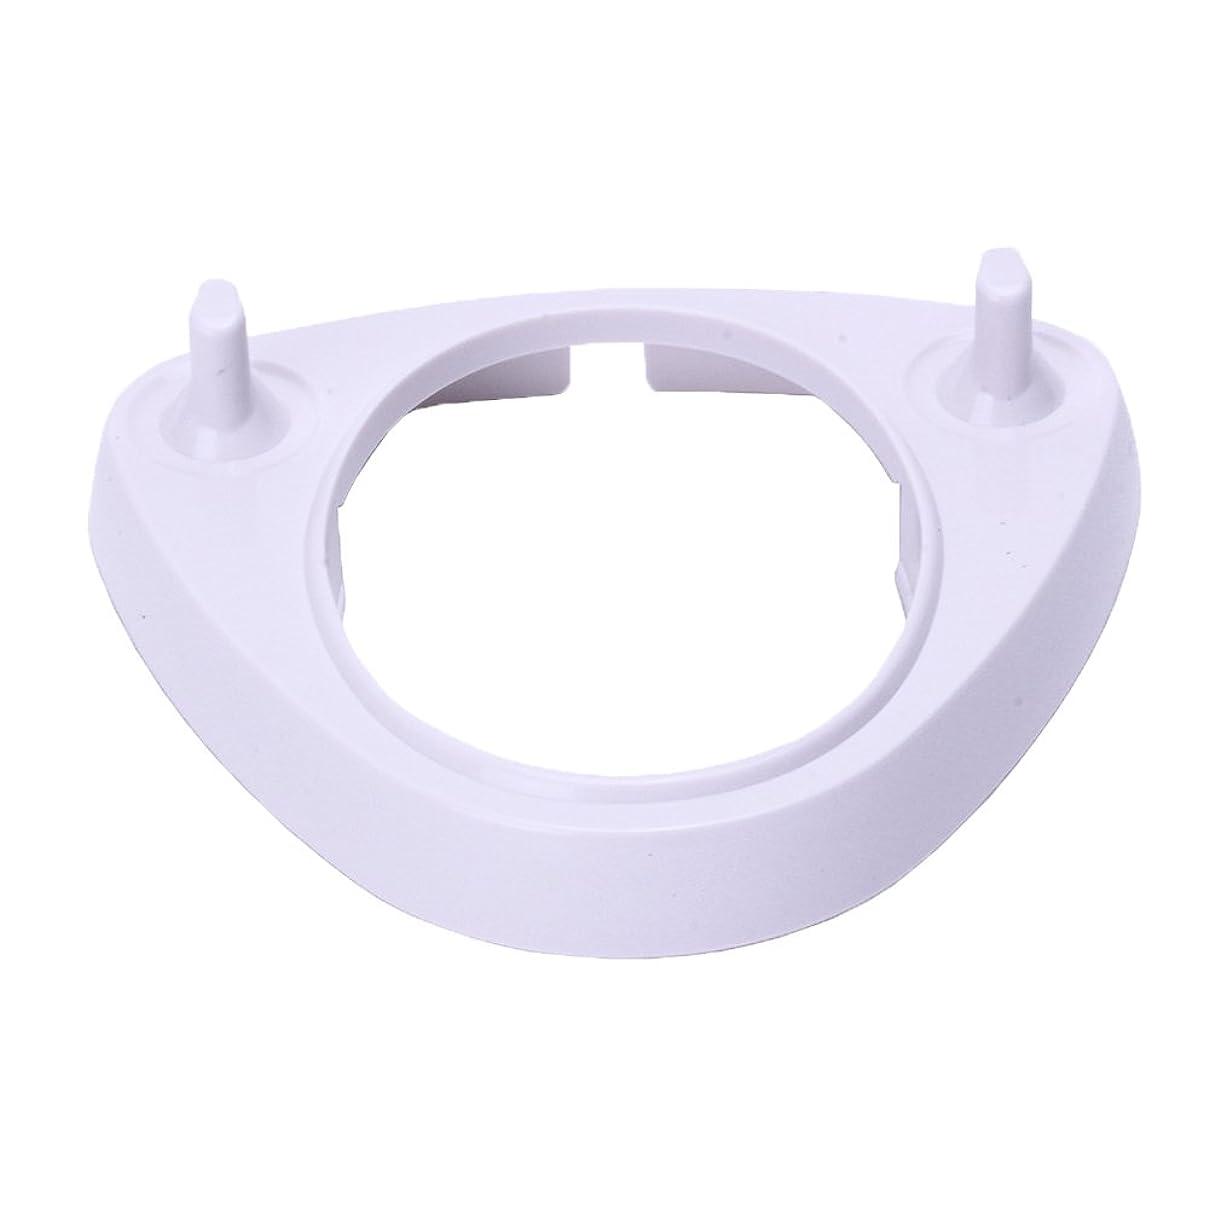 役職形成グラフ白いハードプラスチックスタンド for ブラウンオーラルB電動歯ブラシ充電器 by Kadior